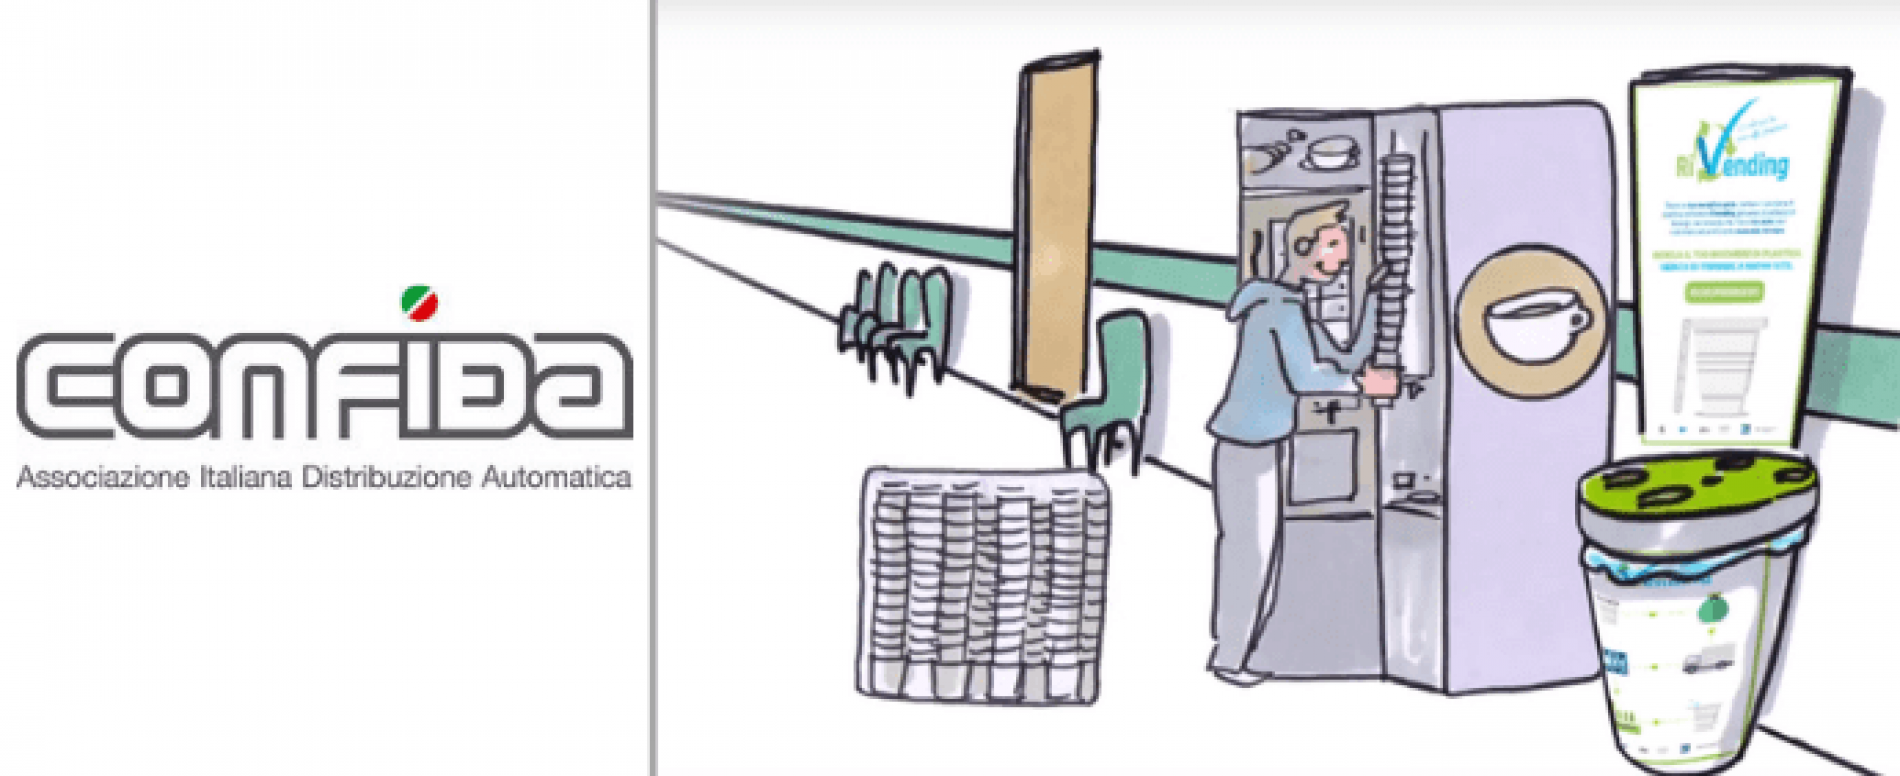 Un corto animato promuove il progetto RiVending di CONFIDA